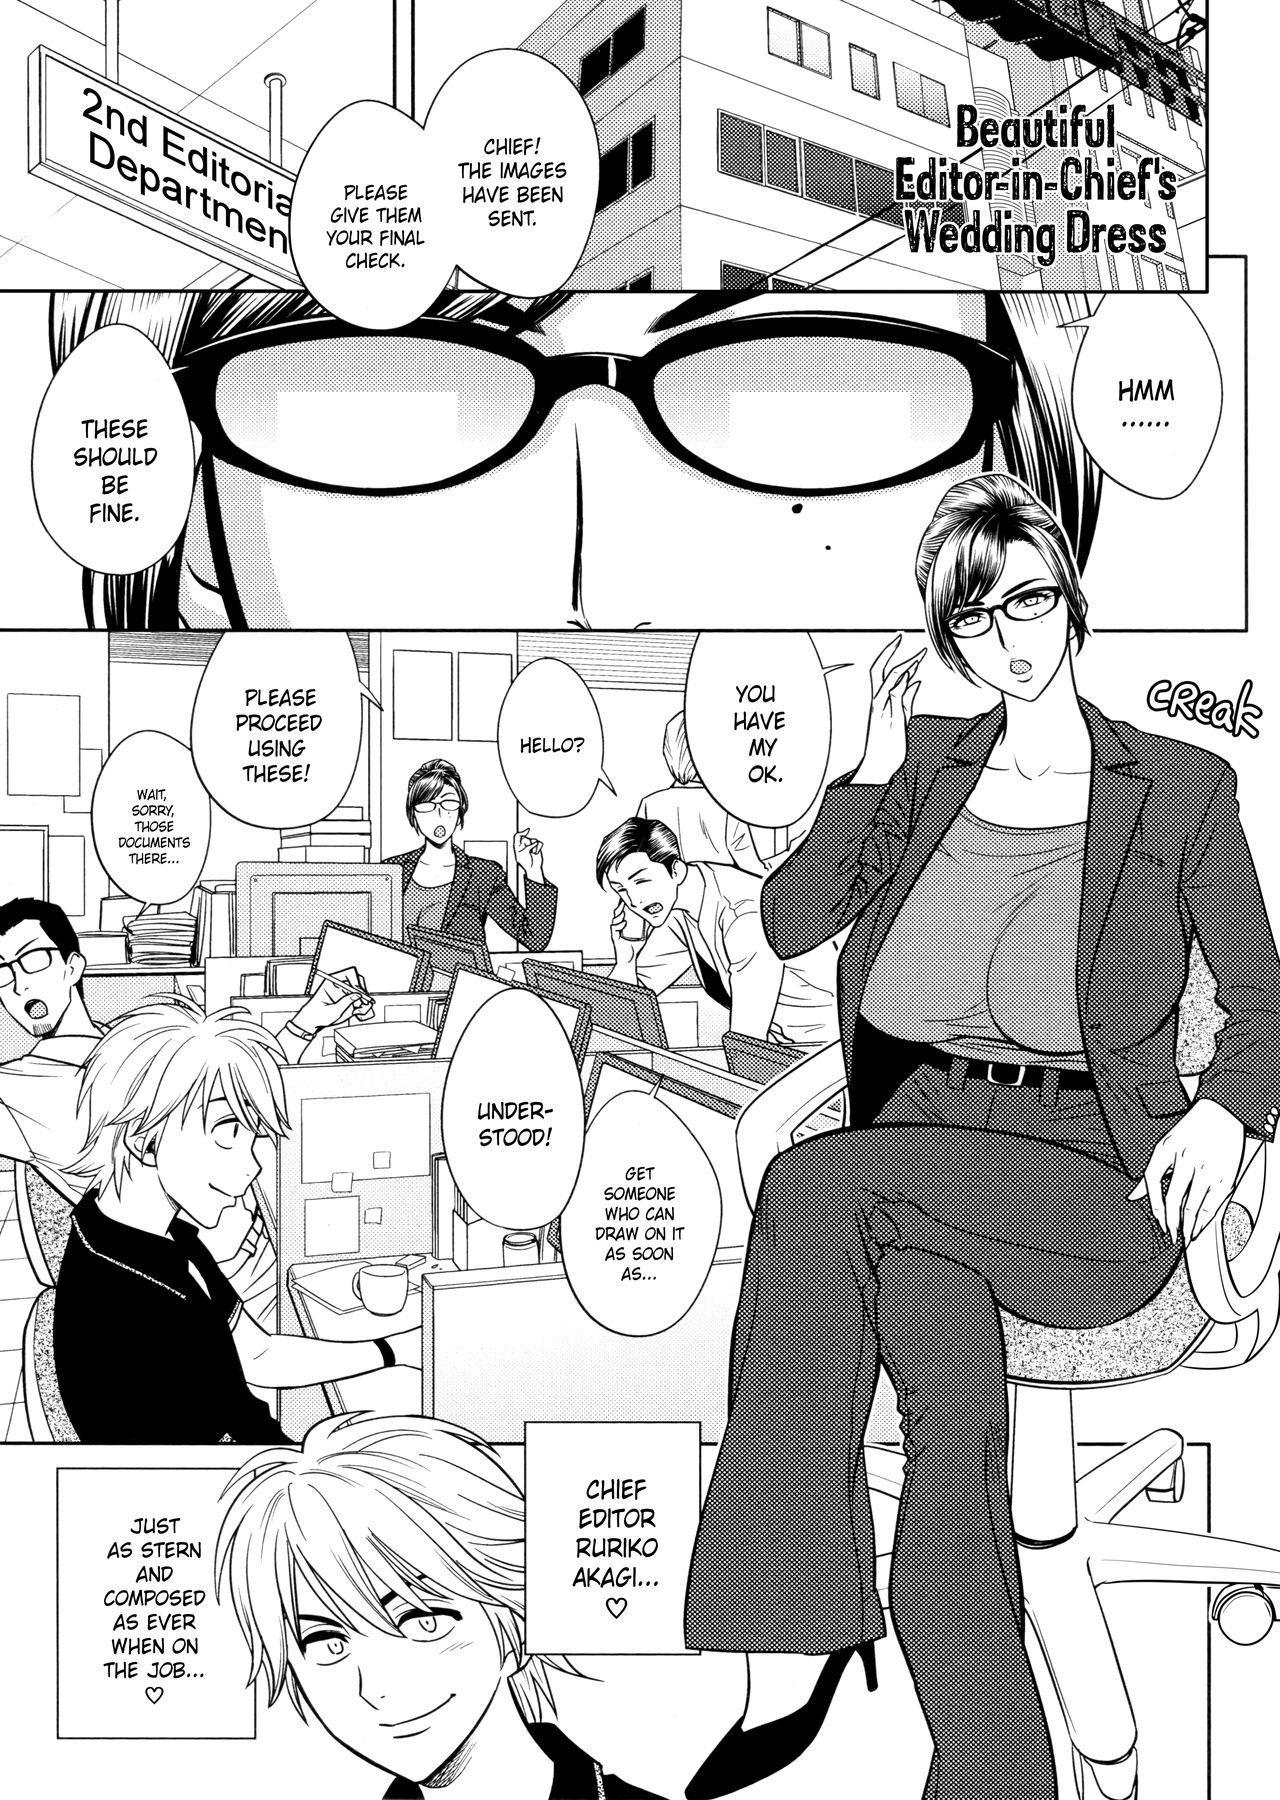 [Tatsunami Youtoku, Yamazaki Masato] Bijin Henshuu-chou no Himitsu | Beautiful Editor-in-Chief's Secret Ch. 1-7 [English] [Forbiddenfetish77, Red Vodka, Crystalium, CEDR777] [Decensored] 82